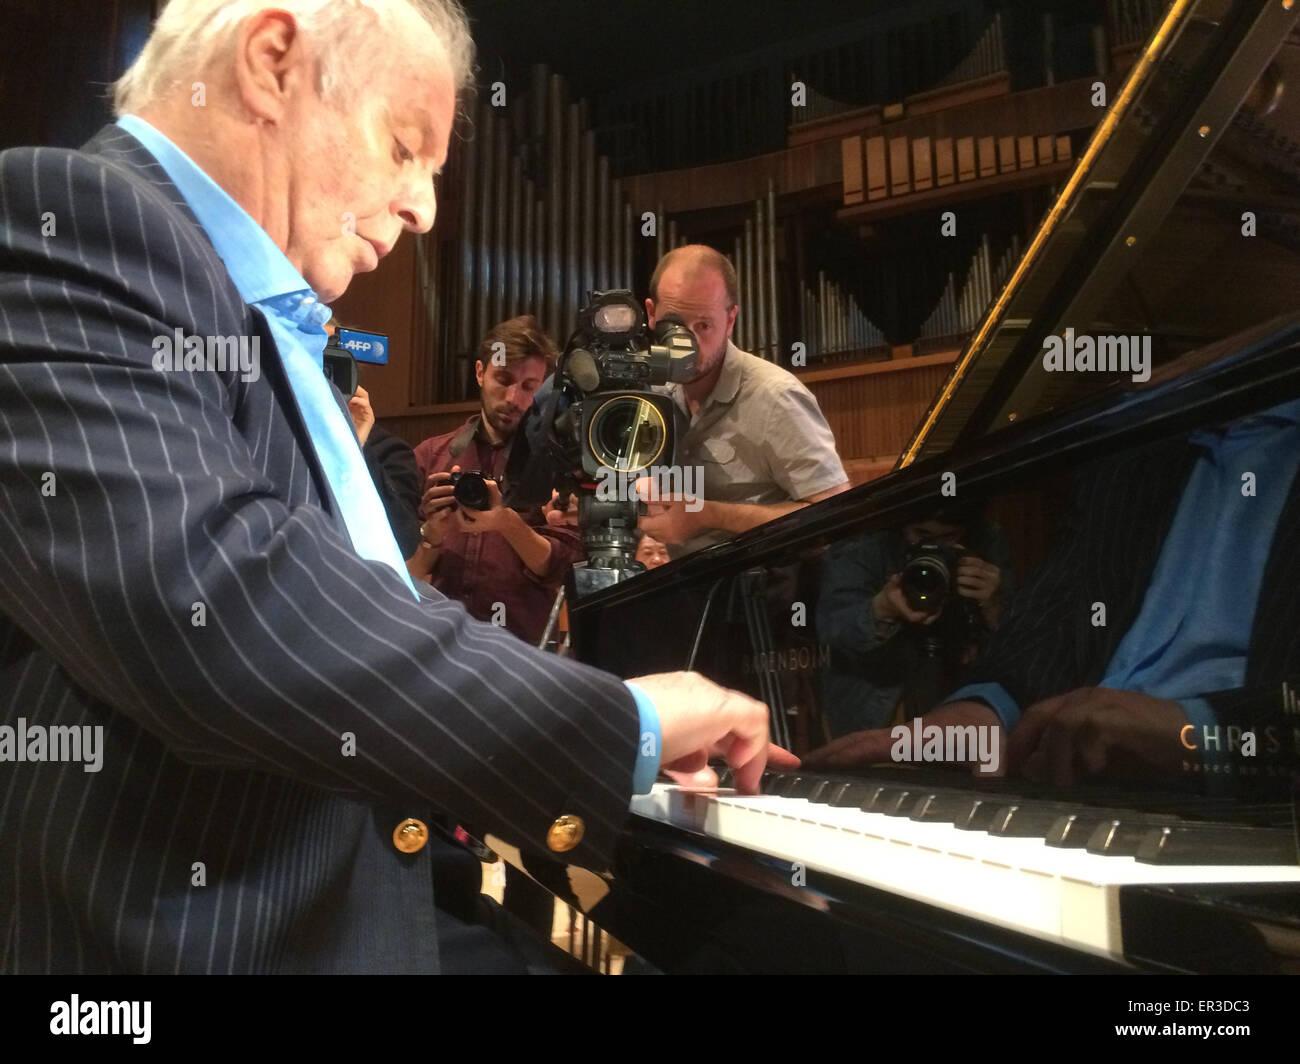 London, Britain  26th May, 2015  Pianist Daniel Barenboim